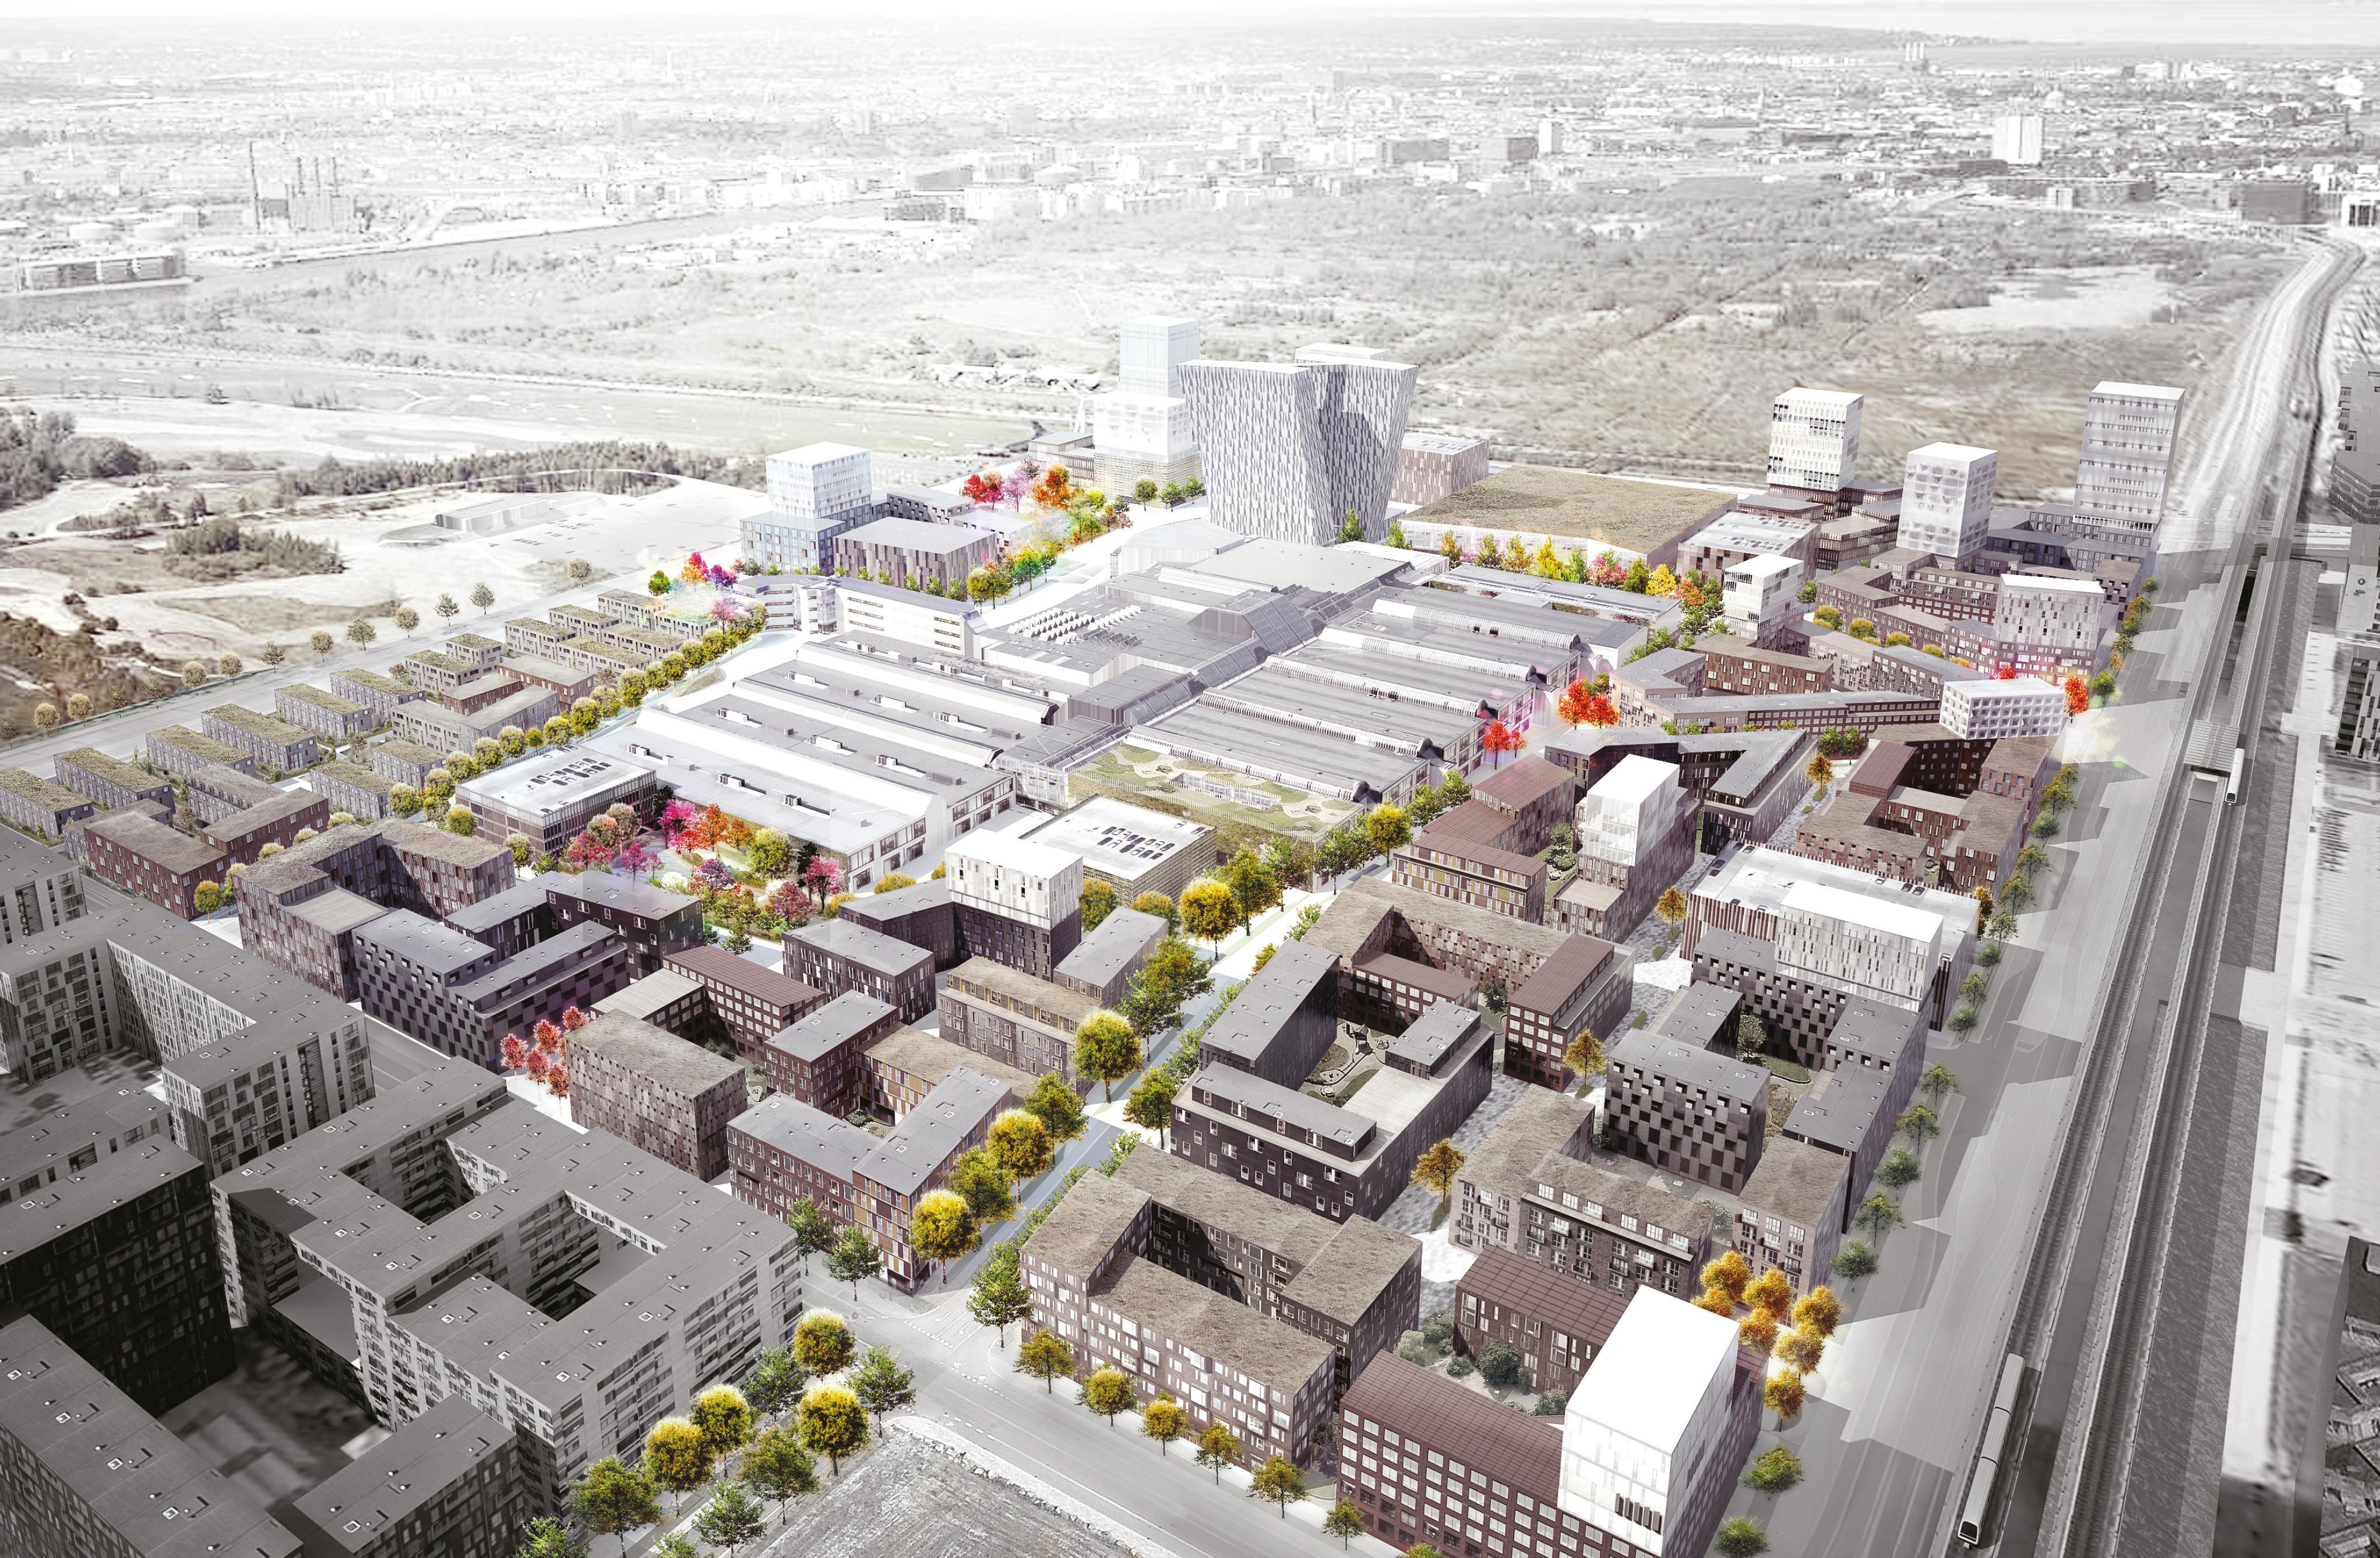 410 nye almene boliger i Ørestad - Building Supply DK